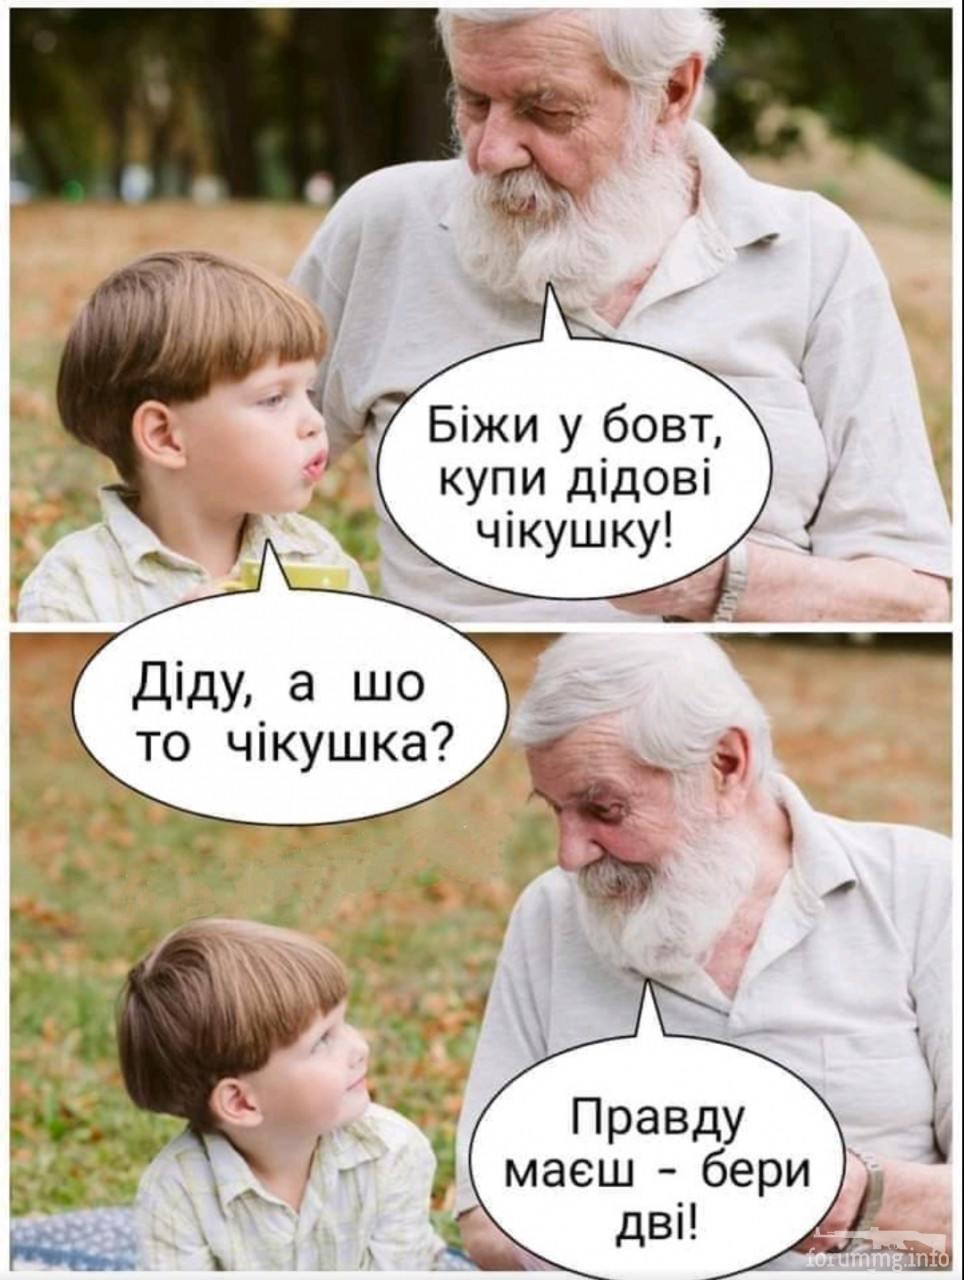 137151 - Пить или не пить? - пятничная алкогольная тема )))